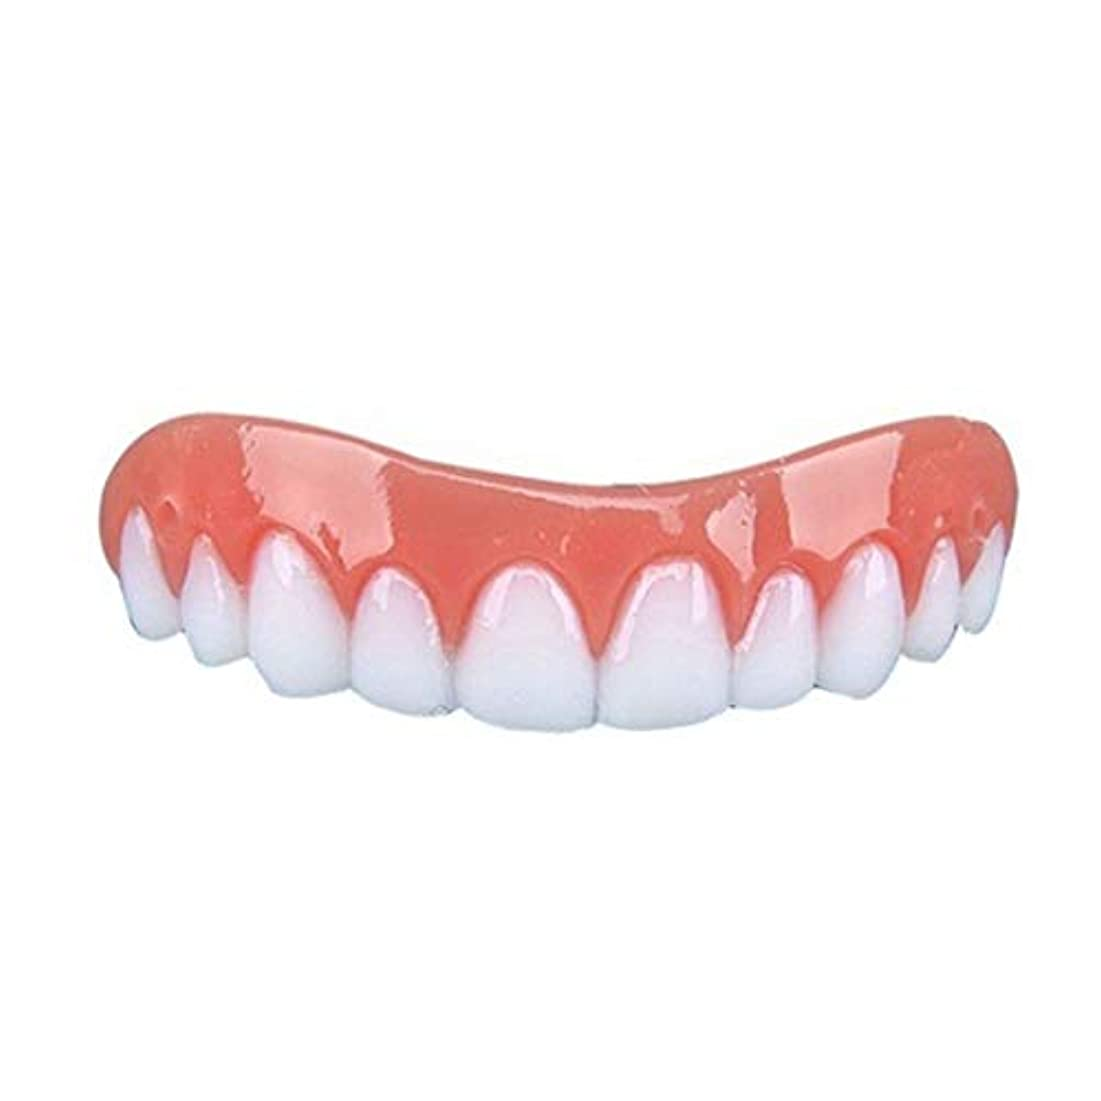 抽出追放する孤独Bartram 歯カバー シリコン義歯ペースト 上歯 笑顔を保つ 歯保護 美容用 入れ歯 矯正義歯